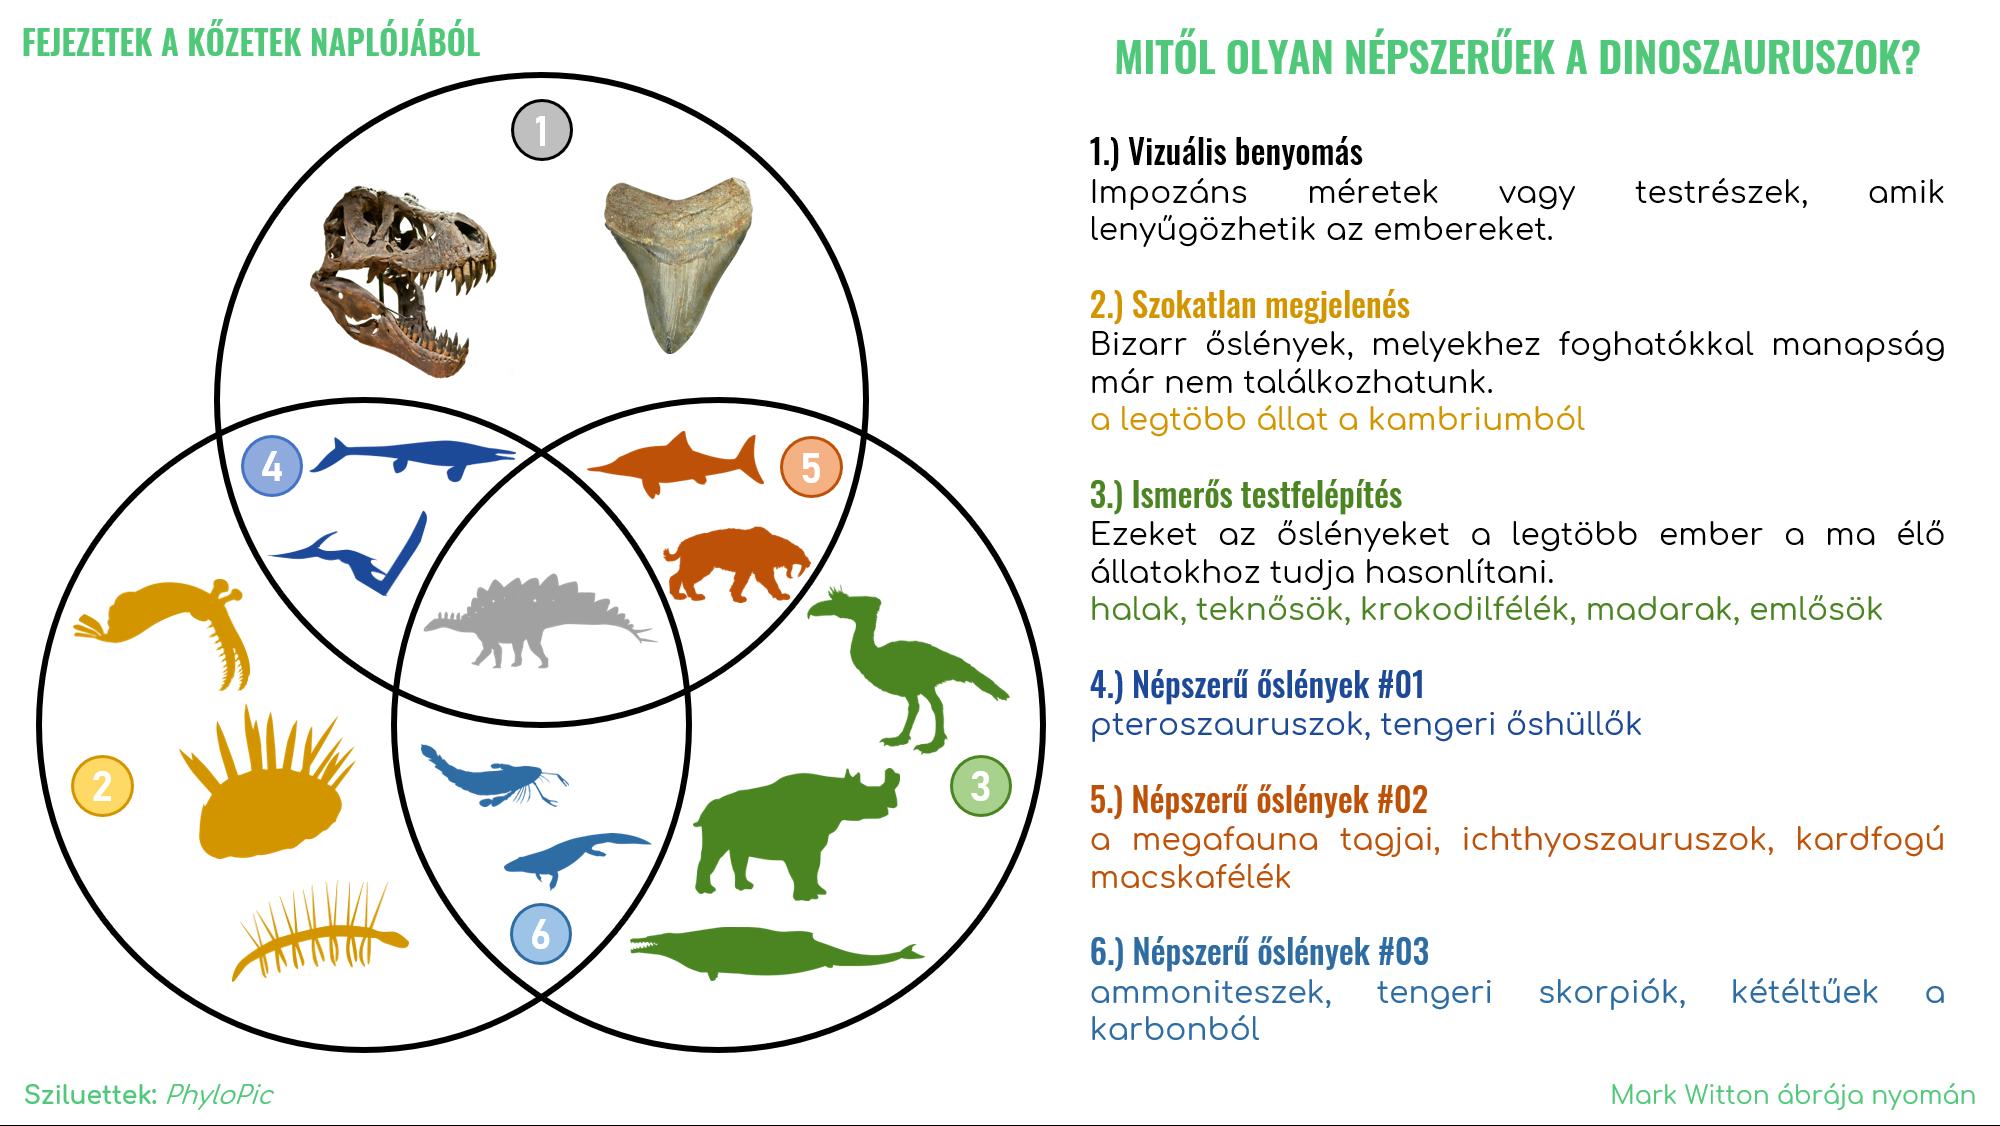 _modern_mitol_nepszeruek_a_dinoszauruszok_mark_witton_nyoman.png